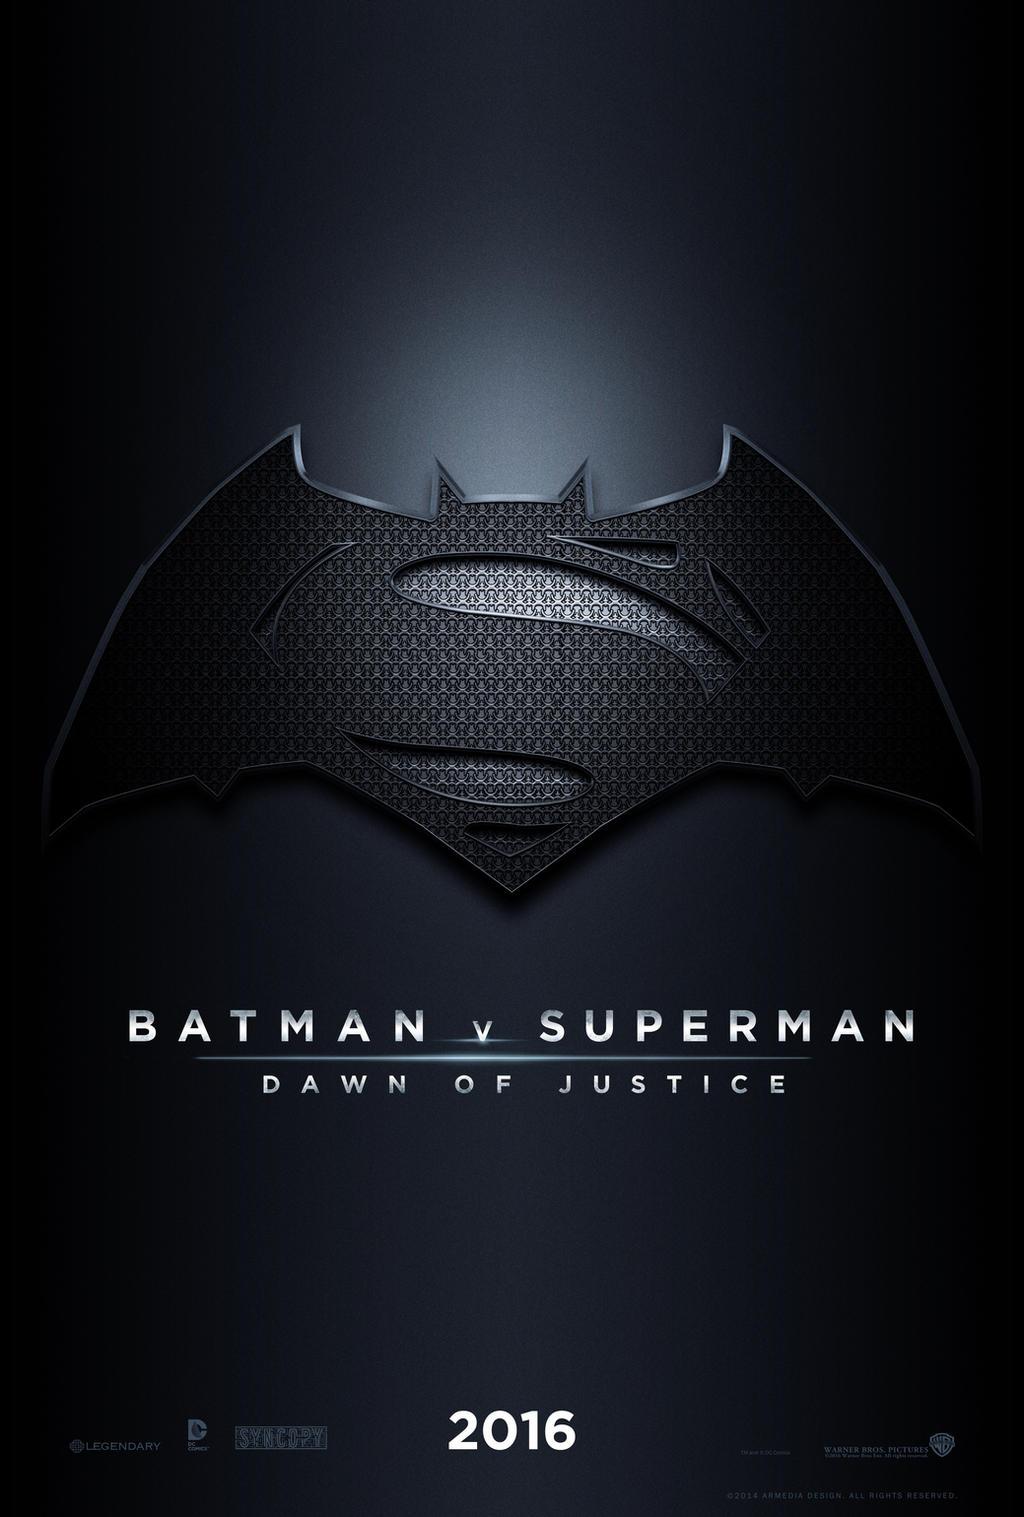 Batman vs superman batman vs superman dawn of justice logo images batman vs superman dawn of justice logo voltagebd Image collections